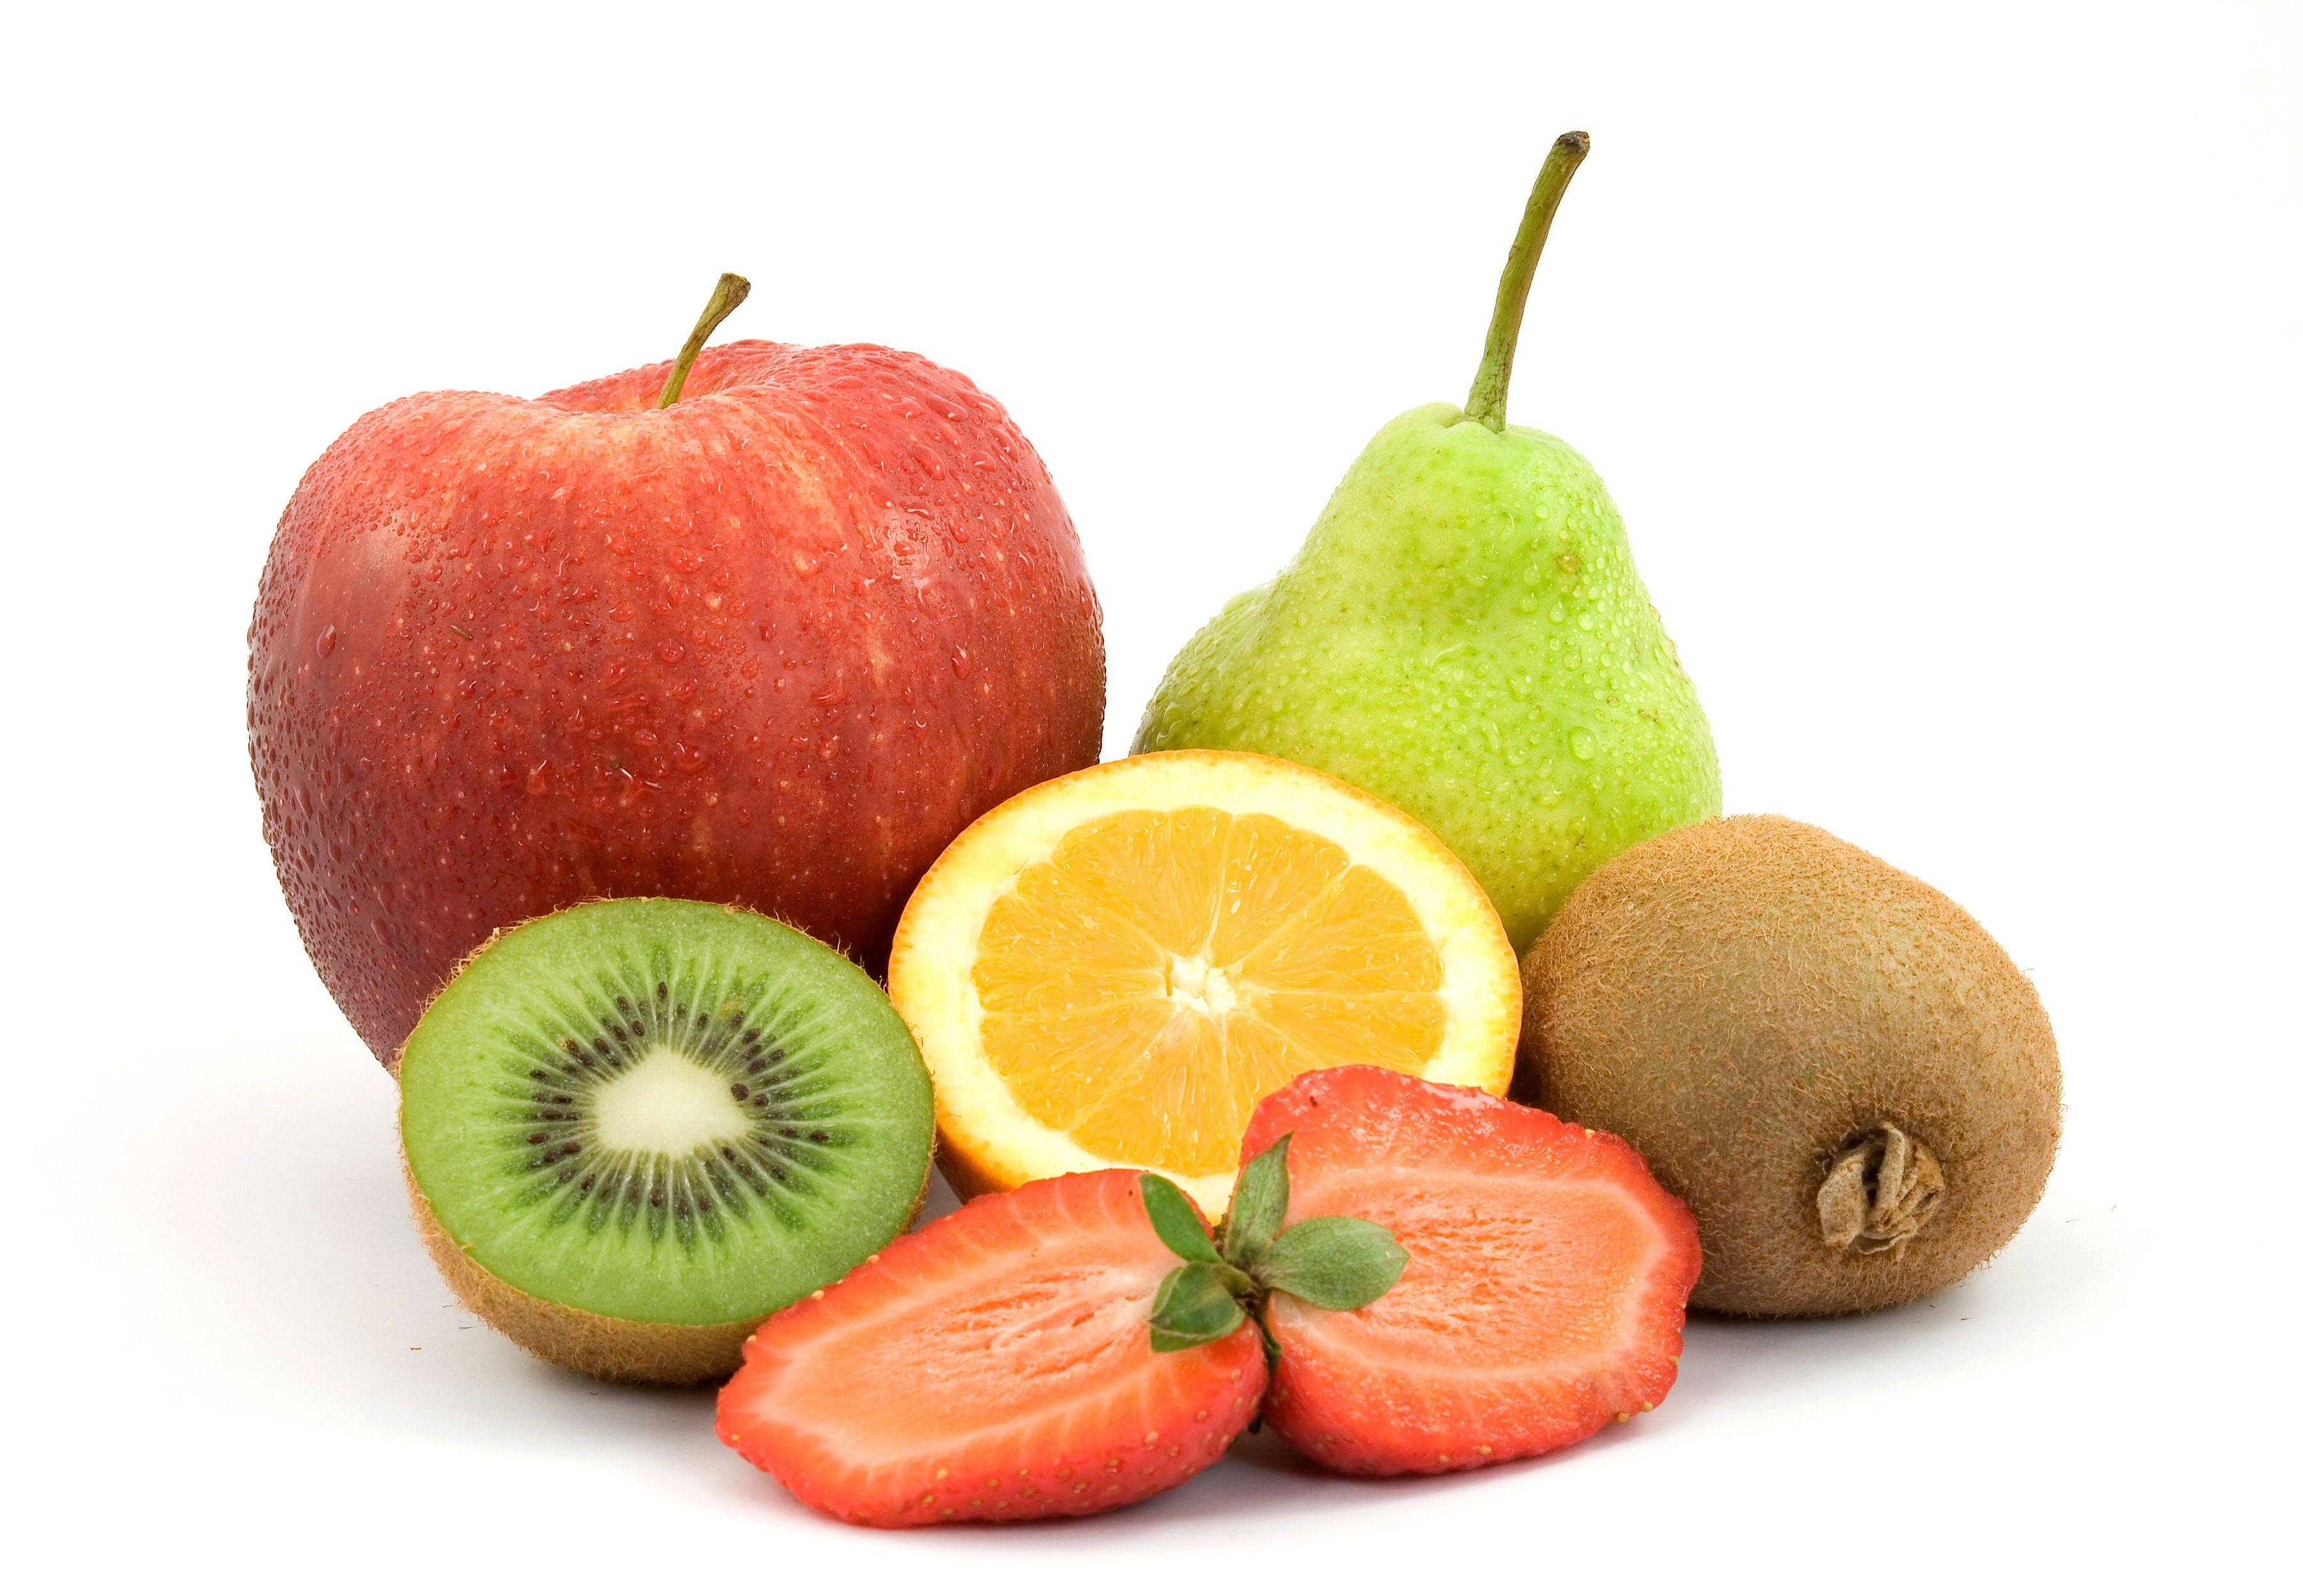 Merendine ma cosa c 39 dentro edo blog for Frutta con la o iniziale